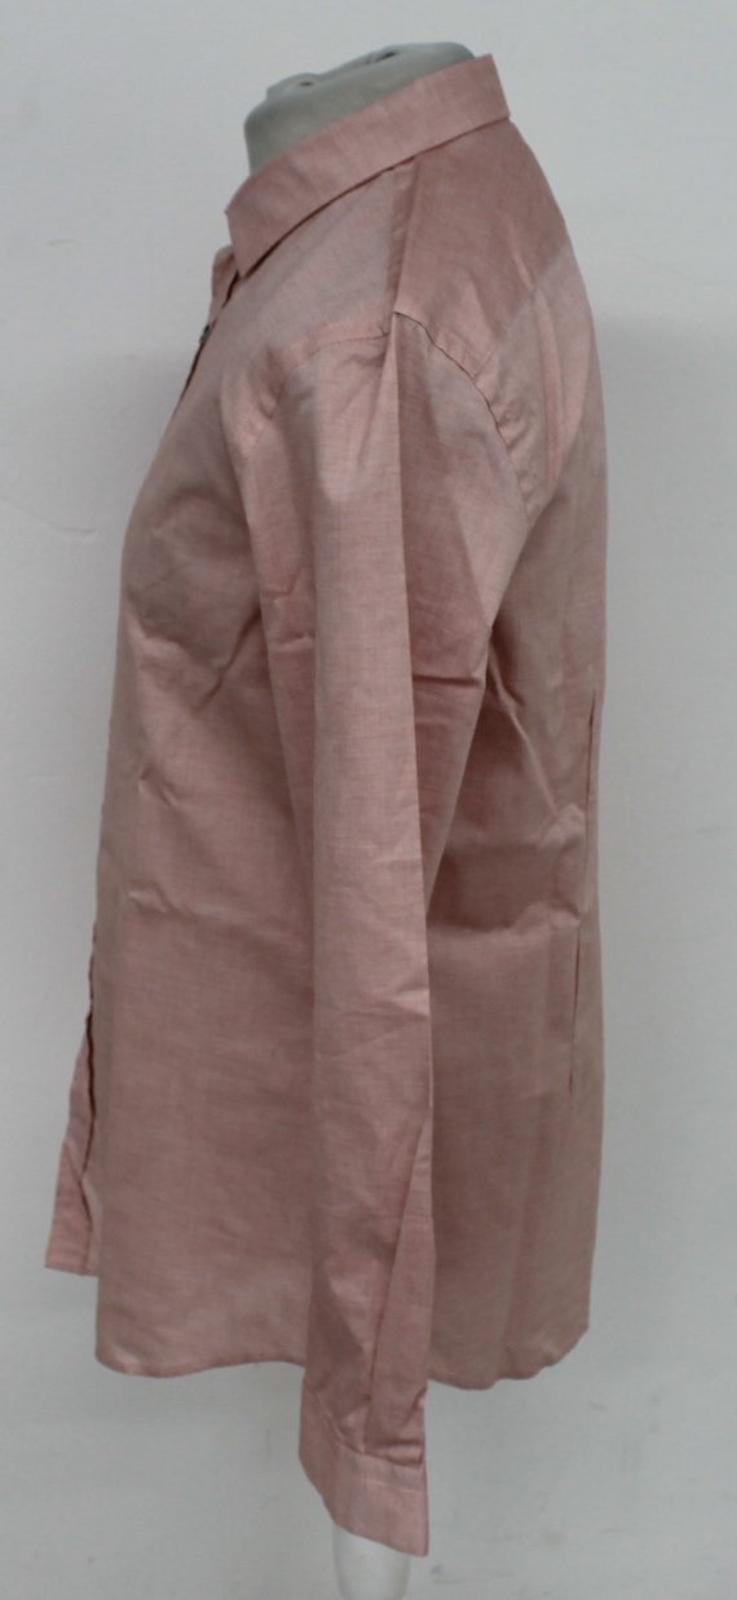 Paul-Smith-Para-Hombre-Rojo-Y-Blanco-Micro-Grafico-Impresion-a-medida-con-Camisa-Talla-17-43-Nuevo miniatura 4